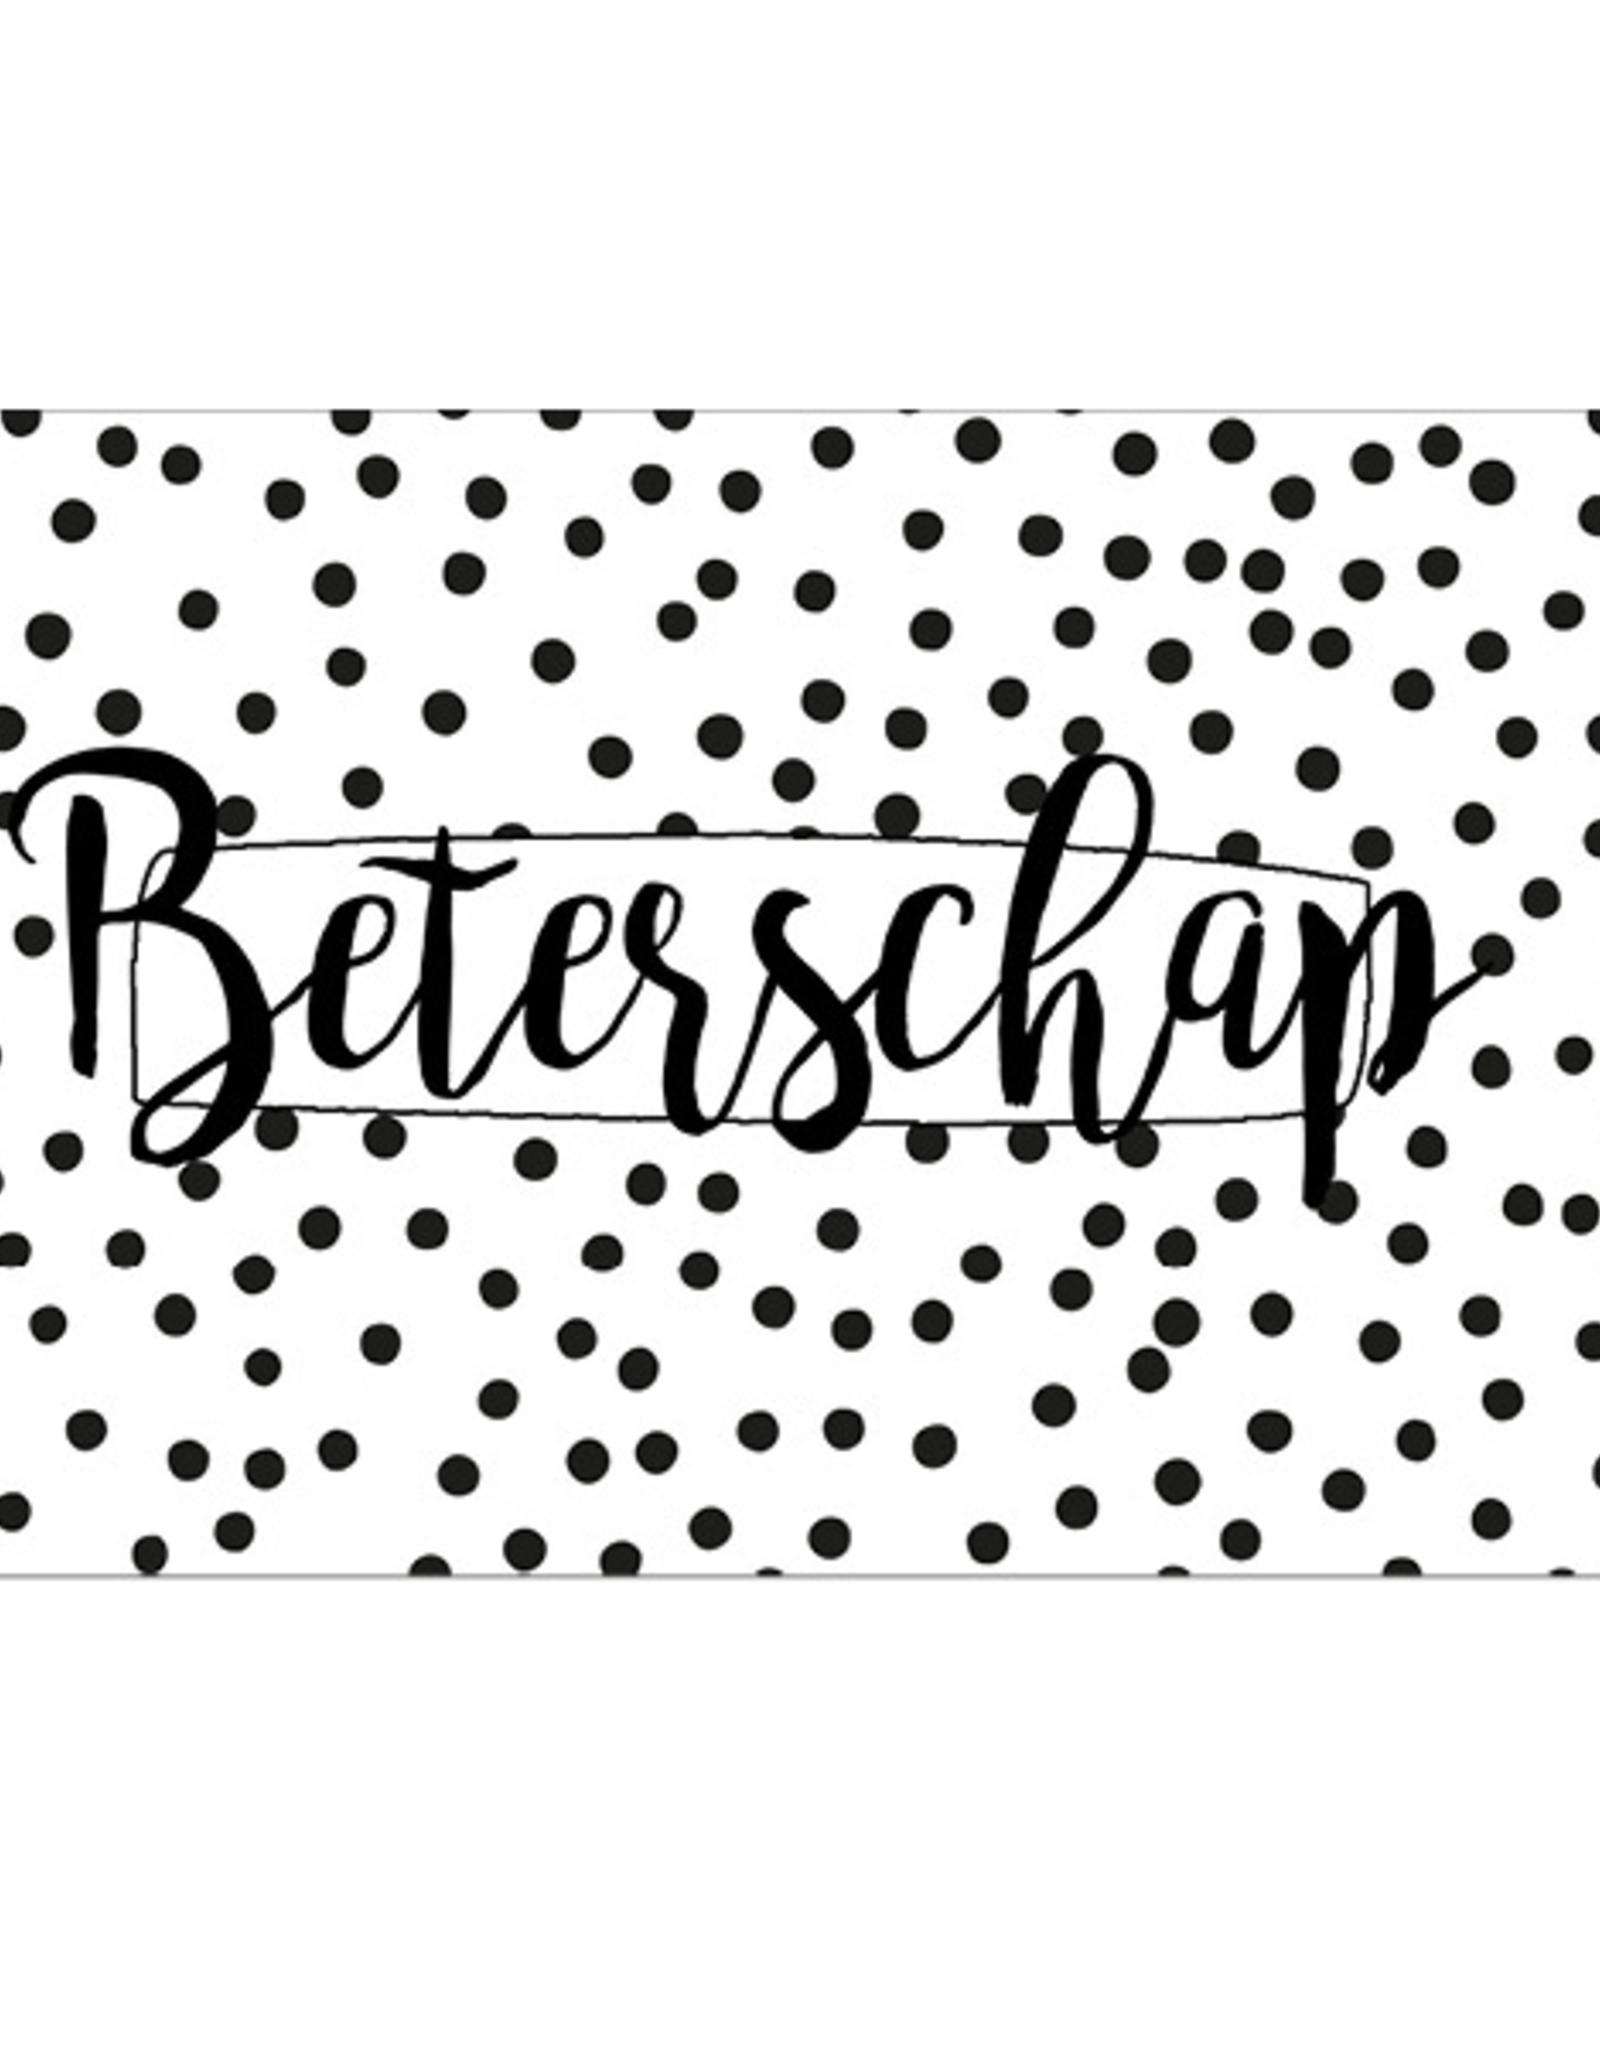 Beterschap -  Wenskaart Cheesecake